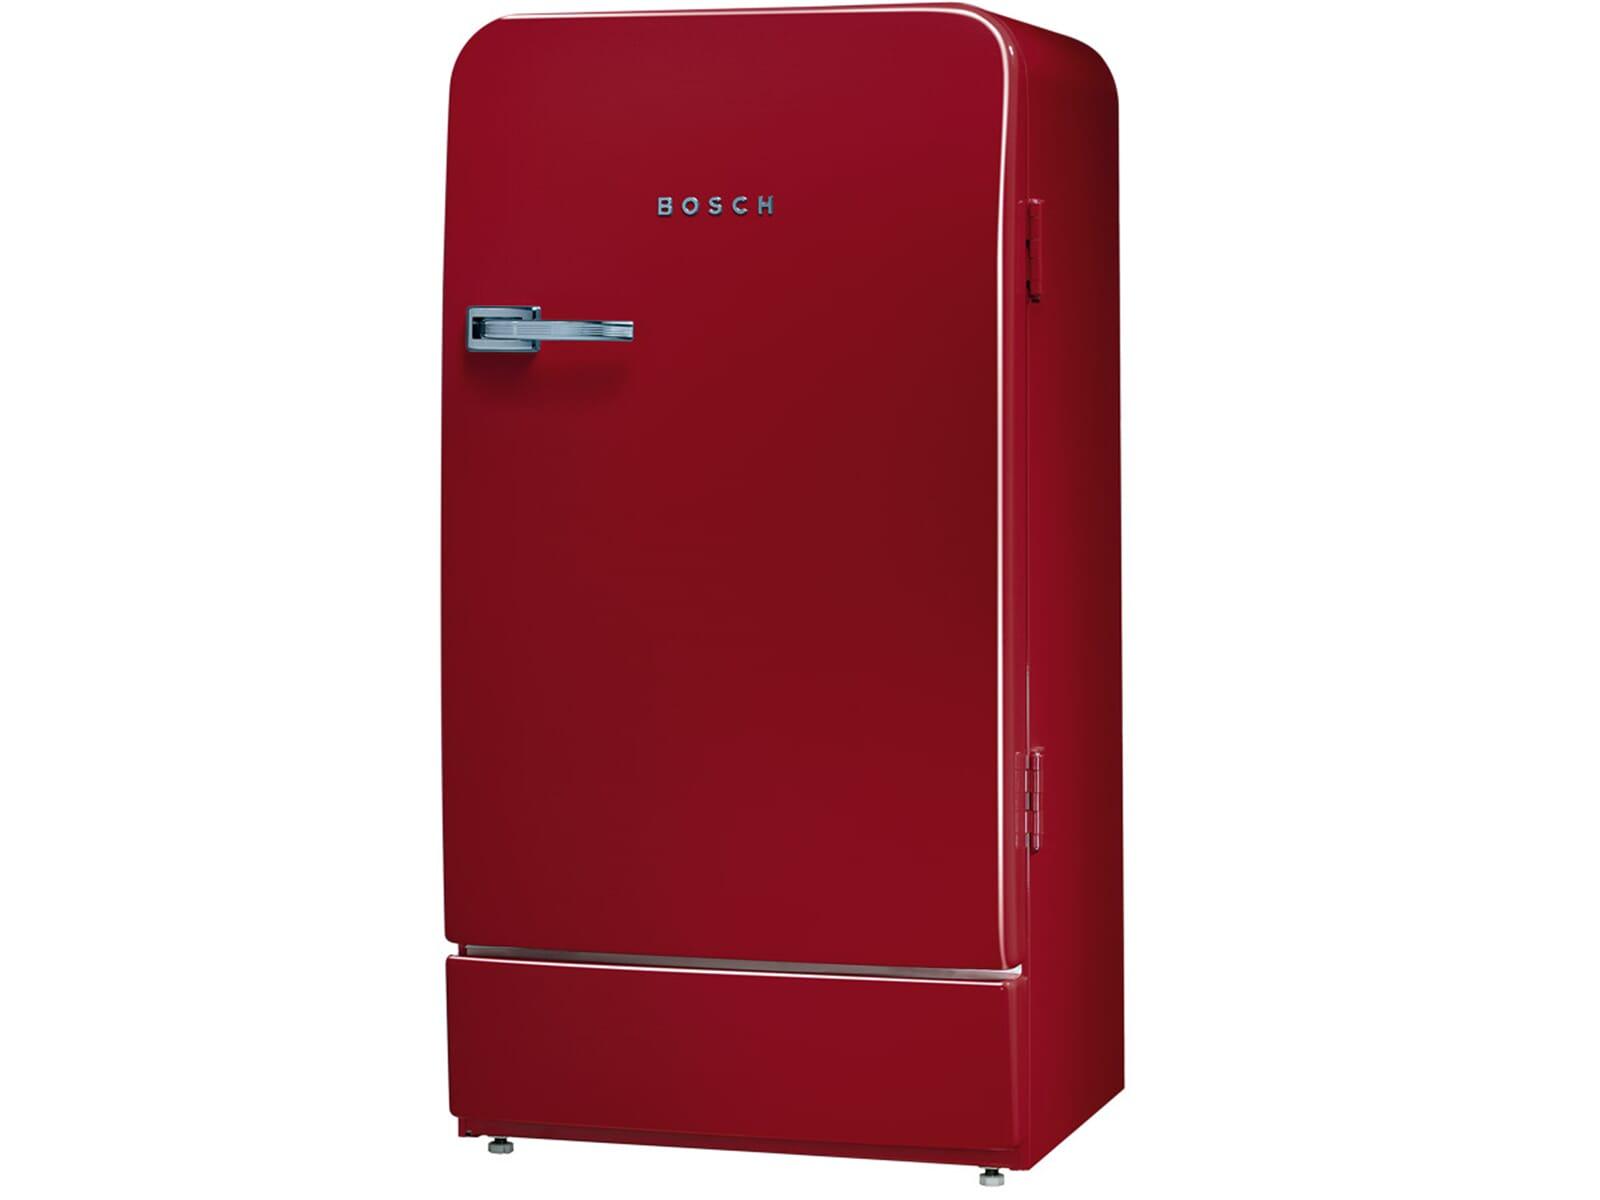 Bosch Kühlschrank Temperaturanzeige : Ignis kühlschrank thermostat wechseln anleitung kühlschrank kühlt